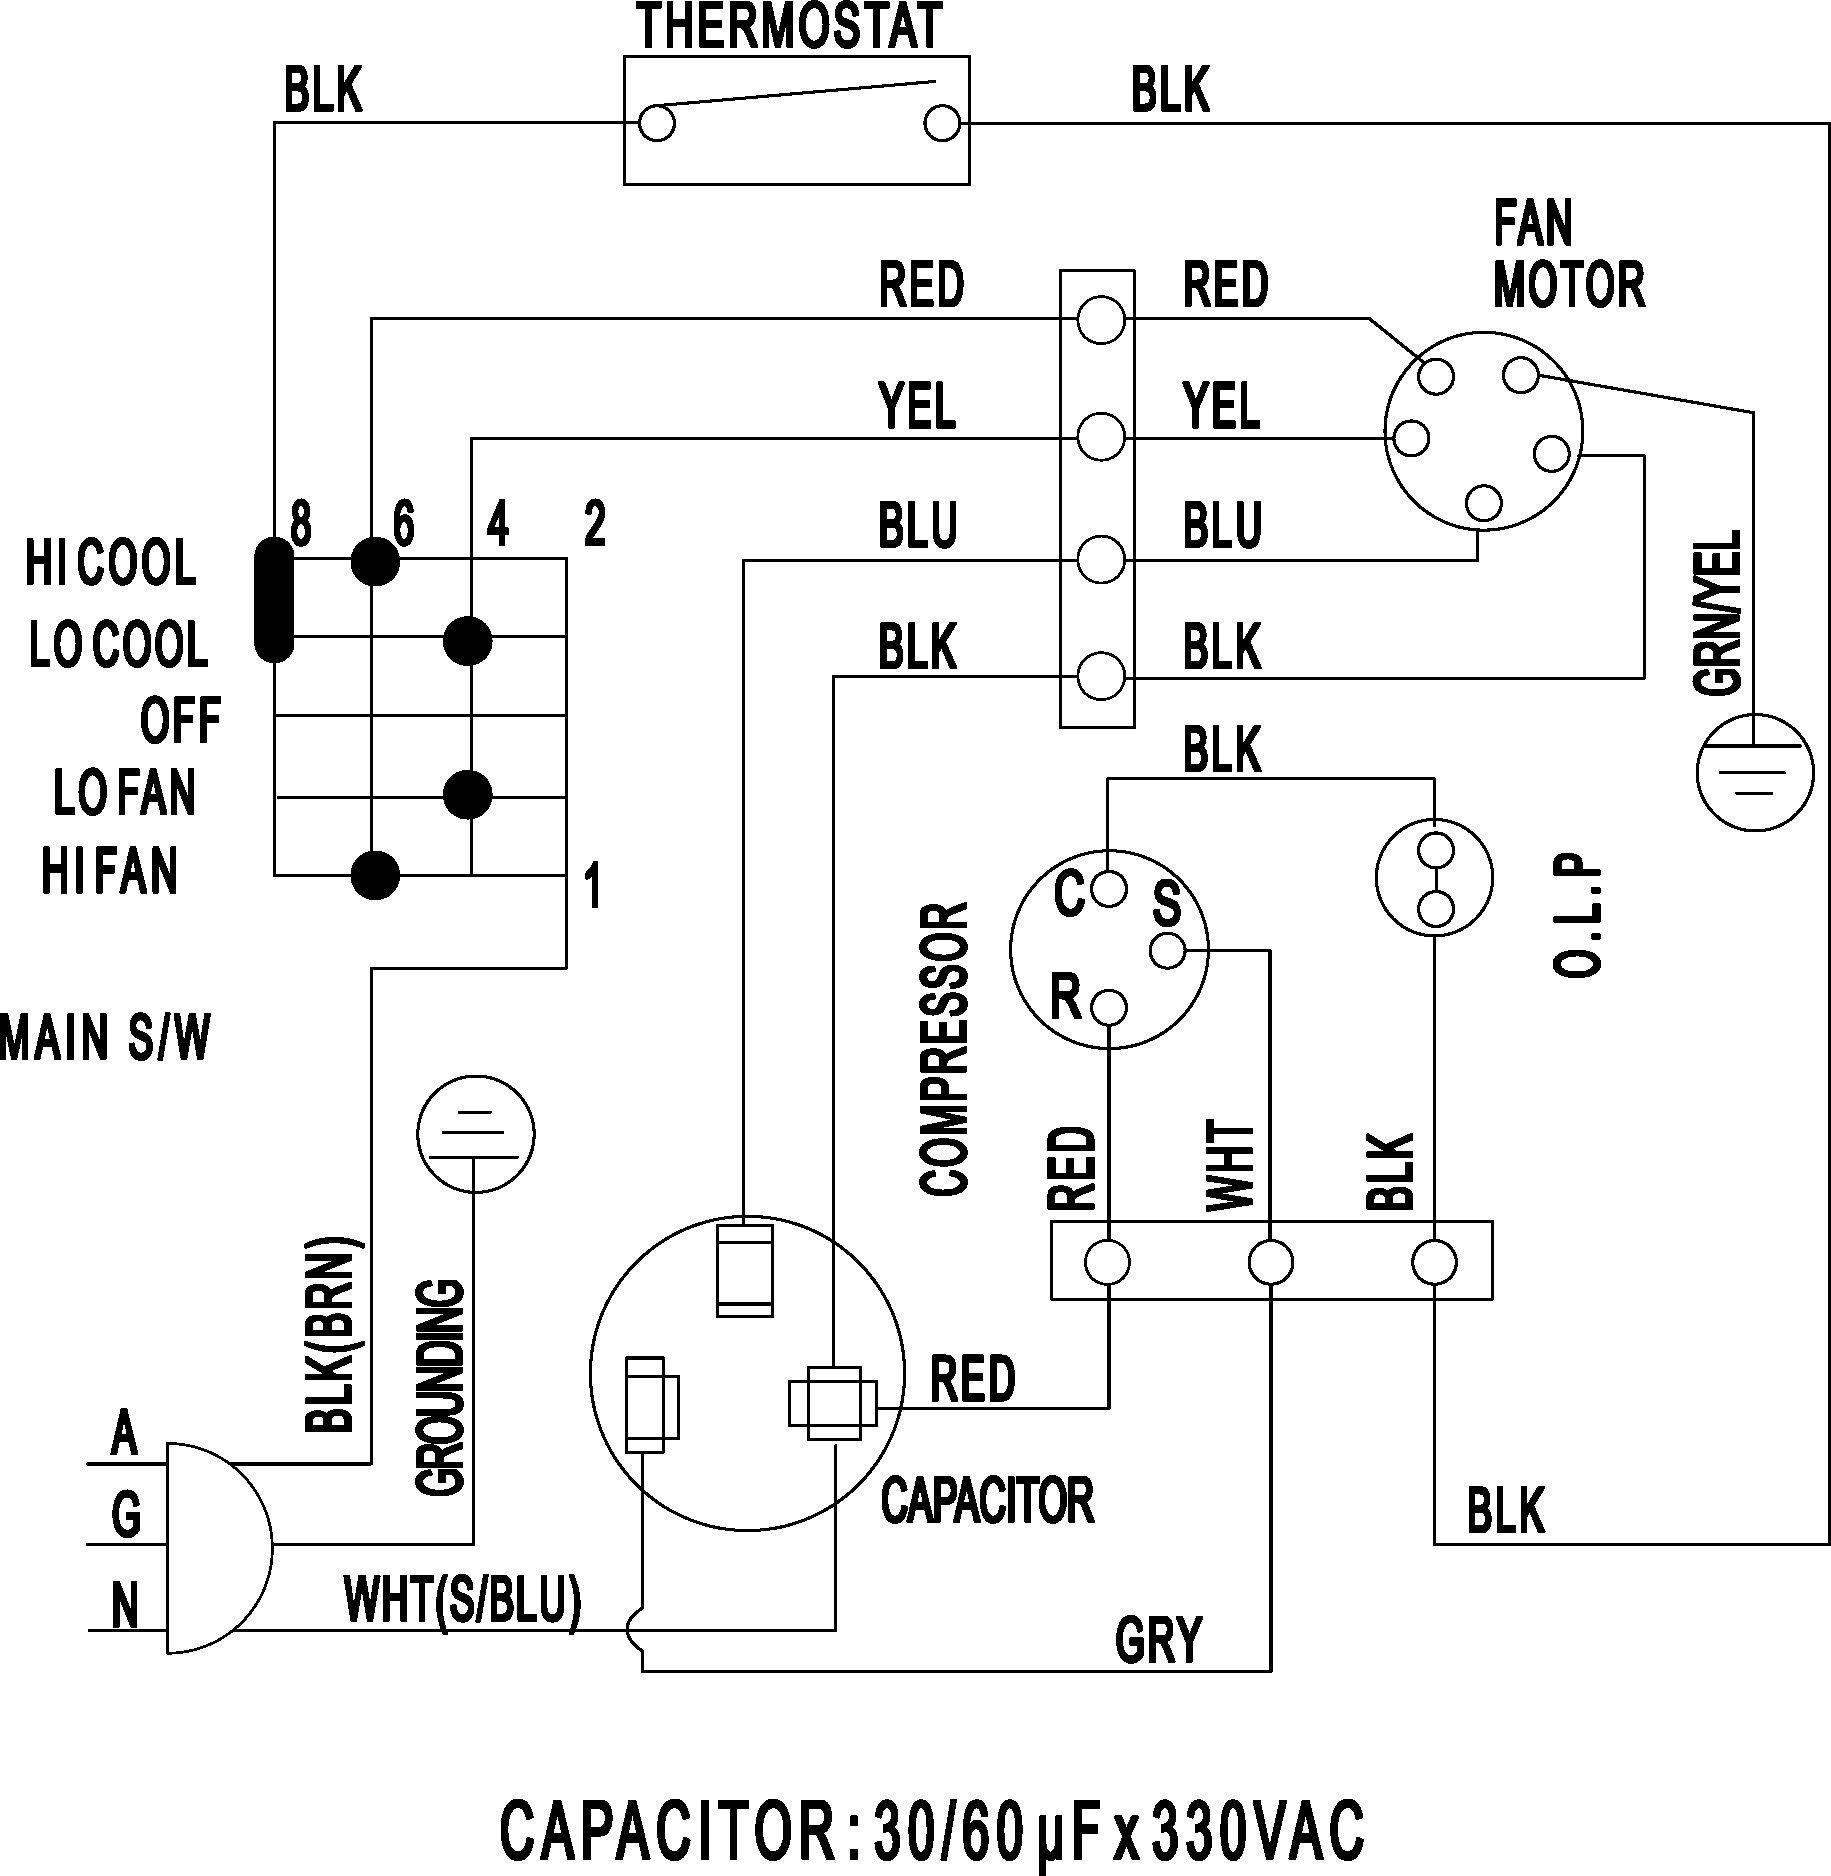 New Wiring Diagram Kompresor Ac Diagrama De Circuito Electrico Diagrama De Circuito Refrigeracion Y Aire Acondicionado